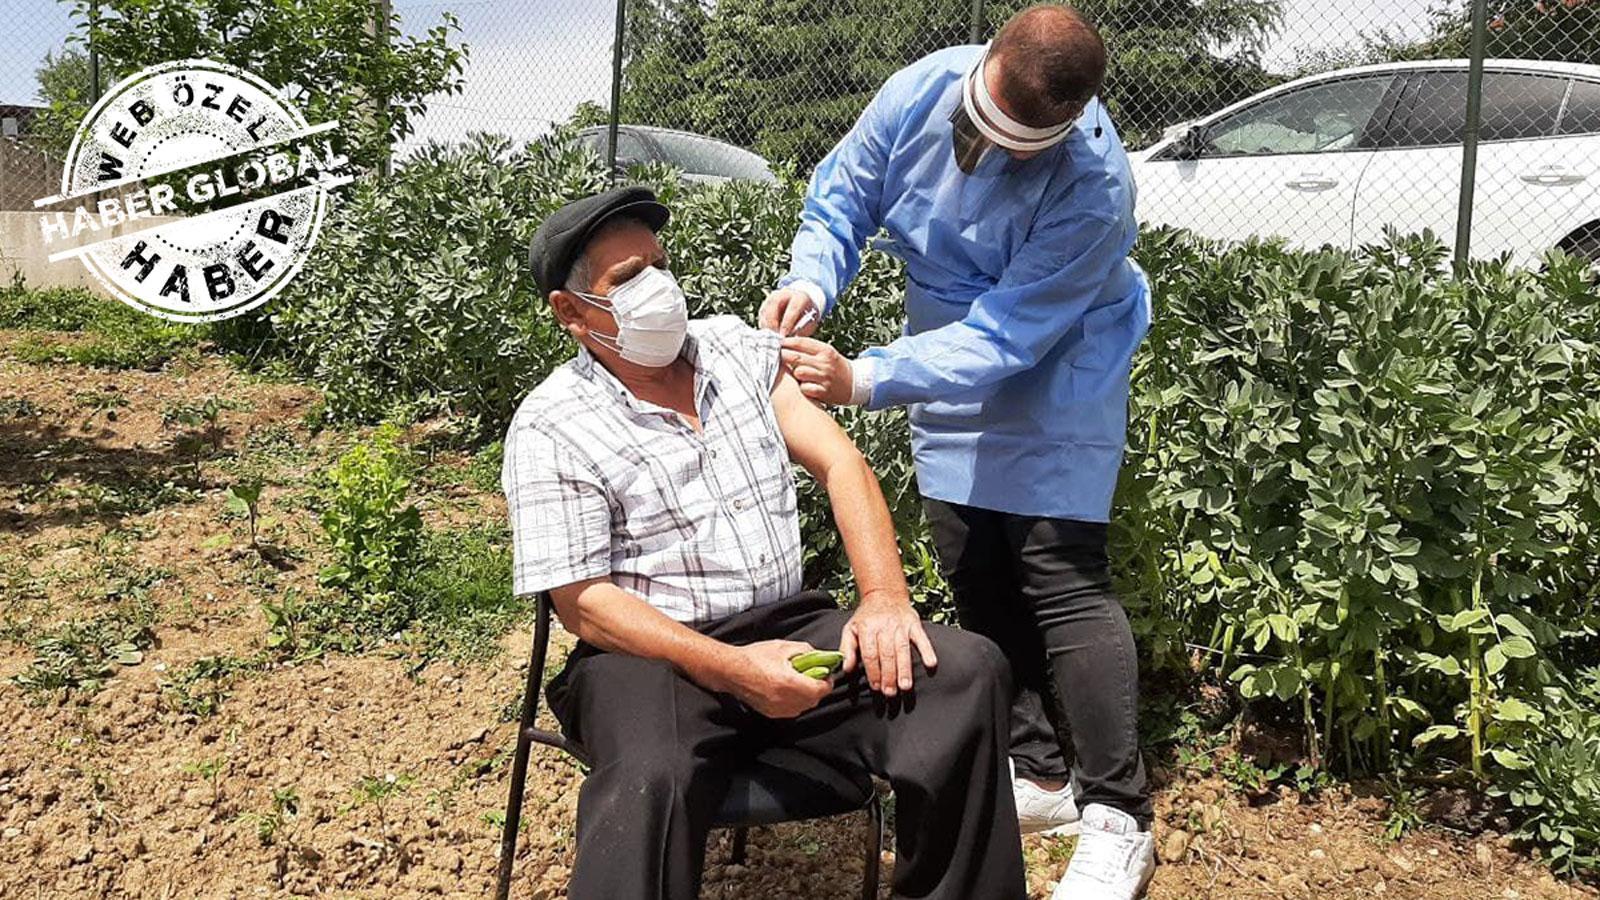 '400 ev dolaştılar 15 kişi aşı oldu'